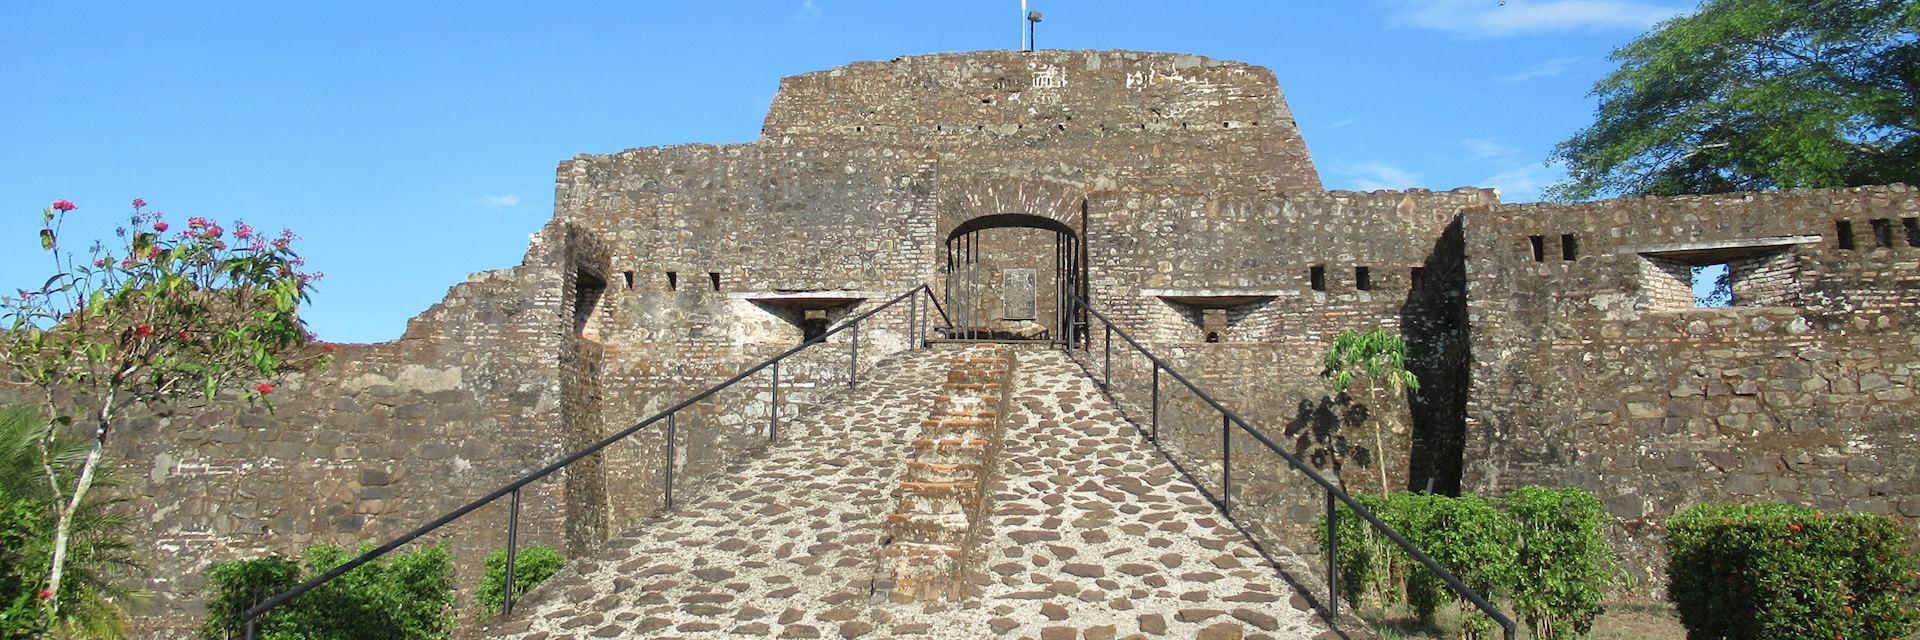 Fortress in El Castillo